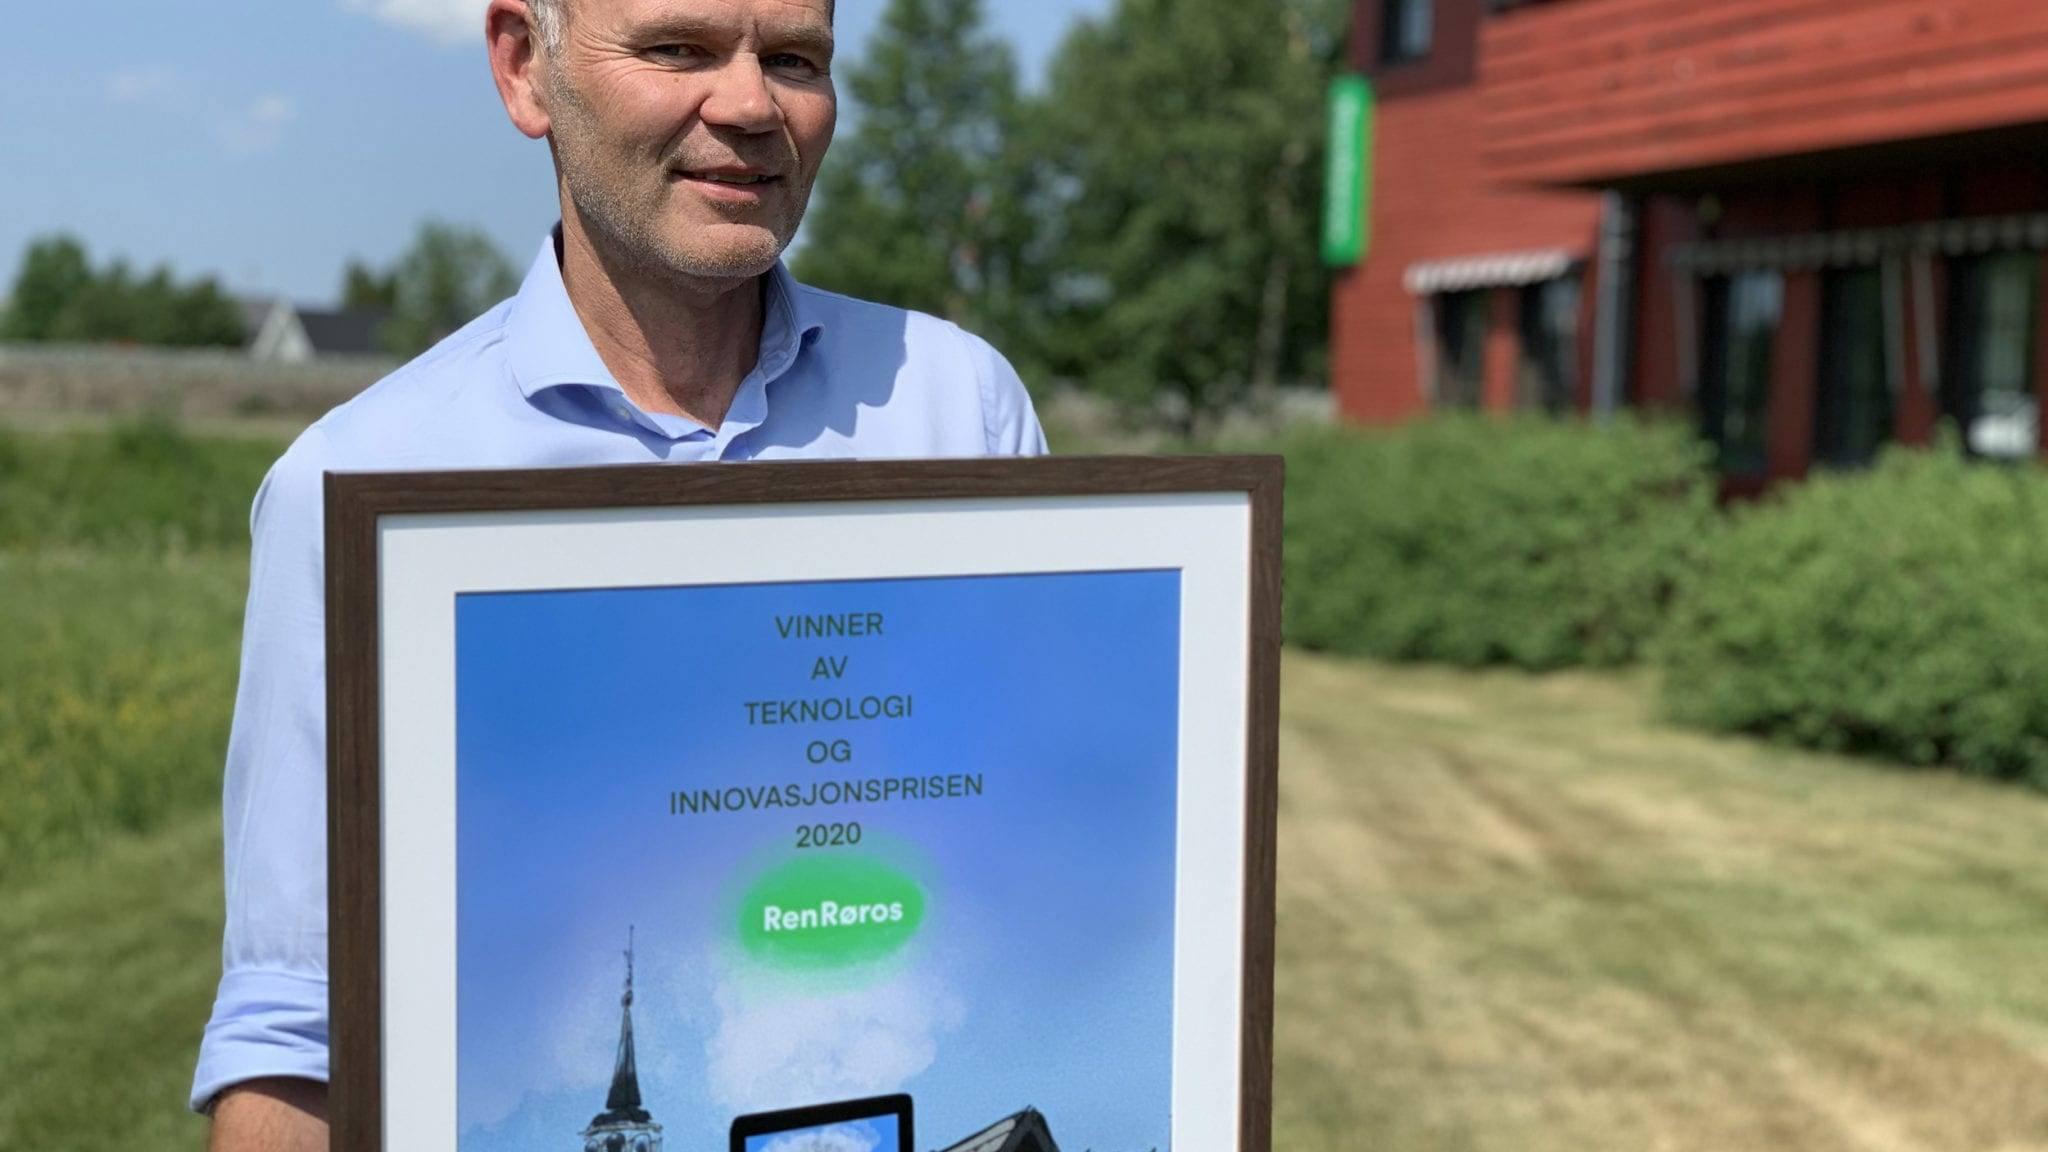 Administrerende direktør i Ren Røros as, Arnt Sollie med DistriksEnergis Teknologi – og Innovasjonspris for 2020. Foto: Ren Røros Frontal.